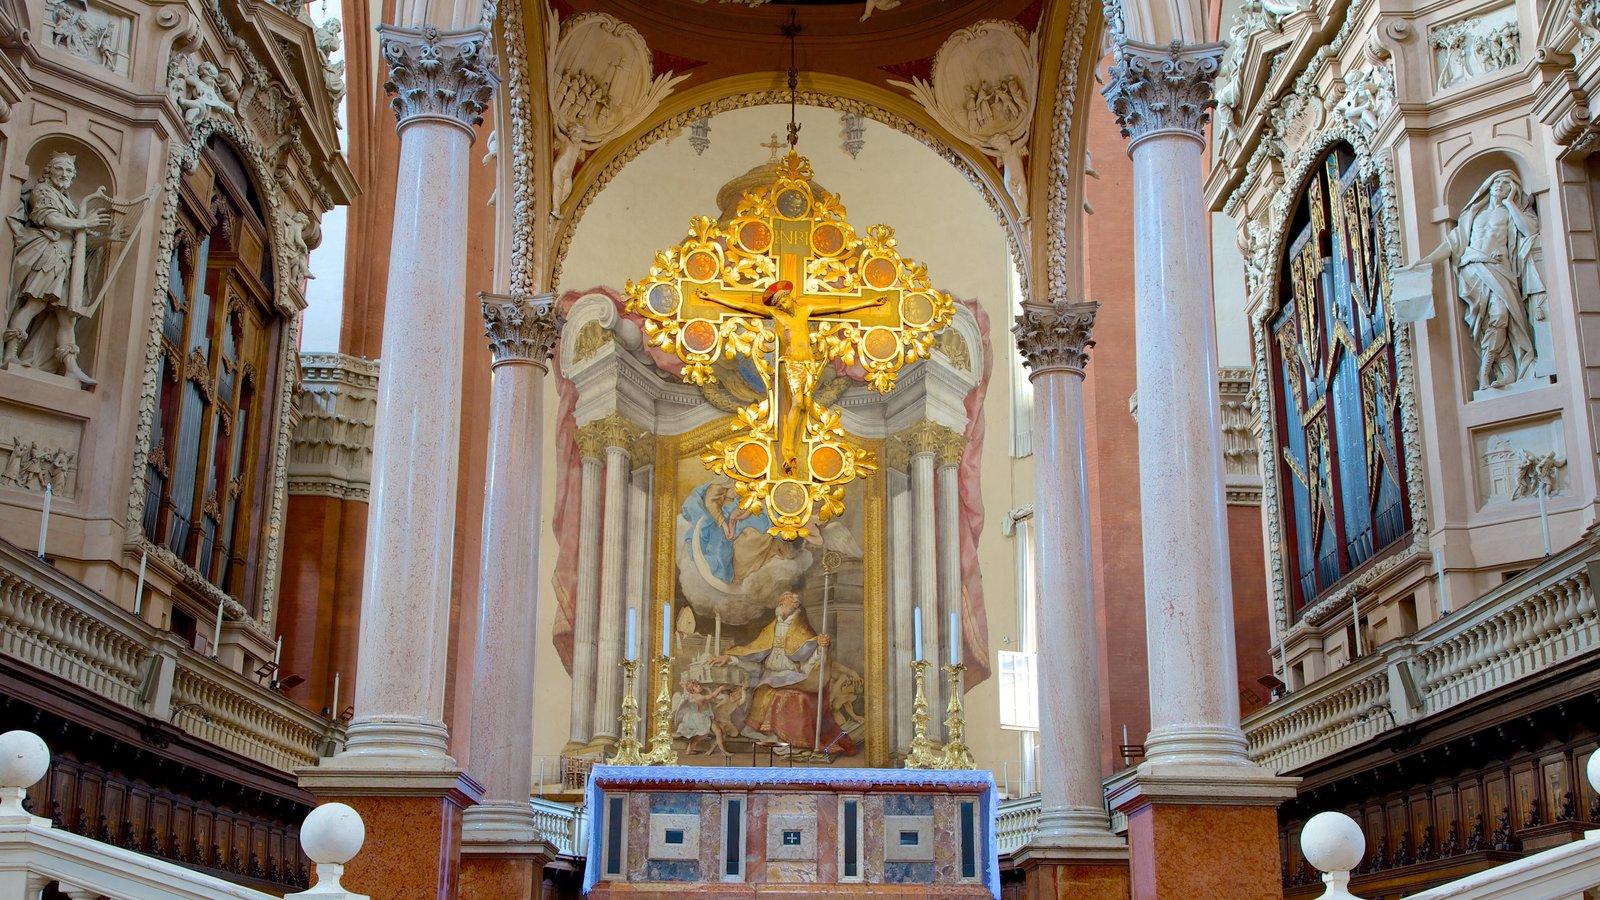 Basilica S. Petronio que inclui aspectos religiosos, uma igreja ou catedral e elementos de patrimônio